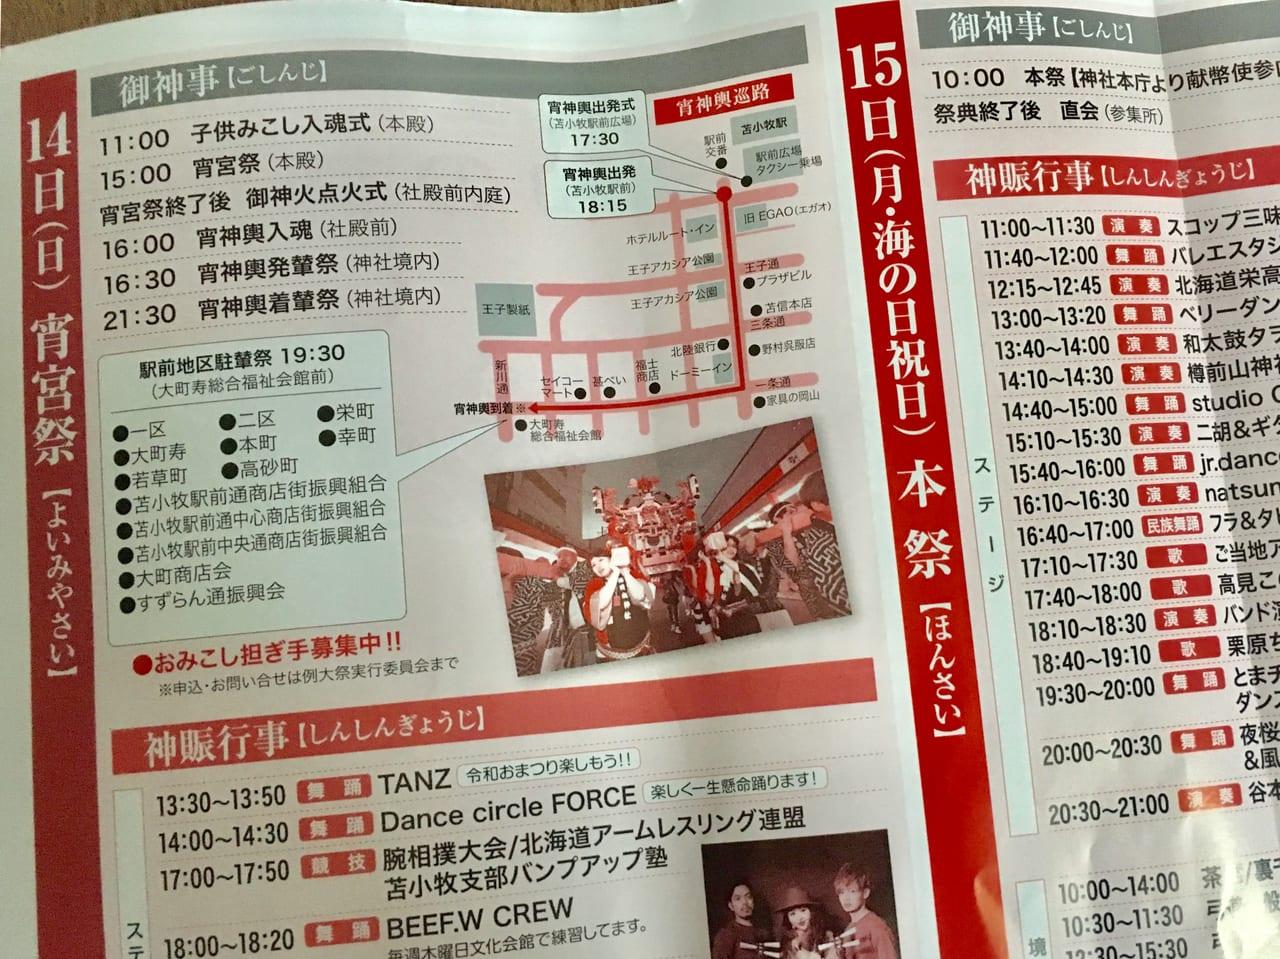 樽前山神社例大祭のスケジュールの一部